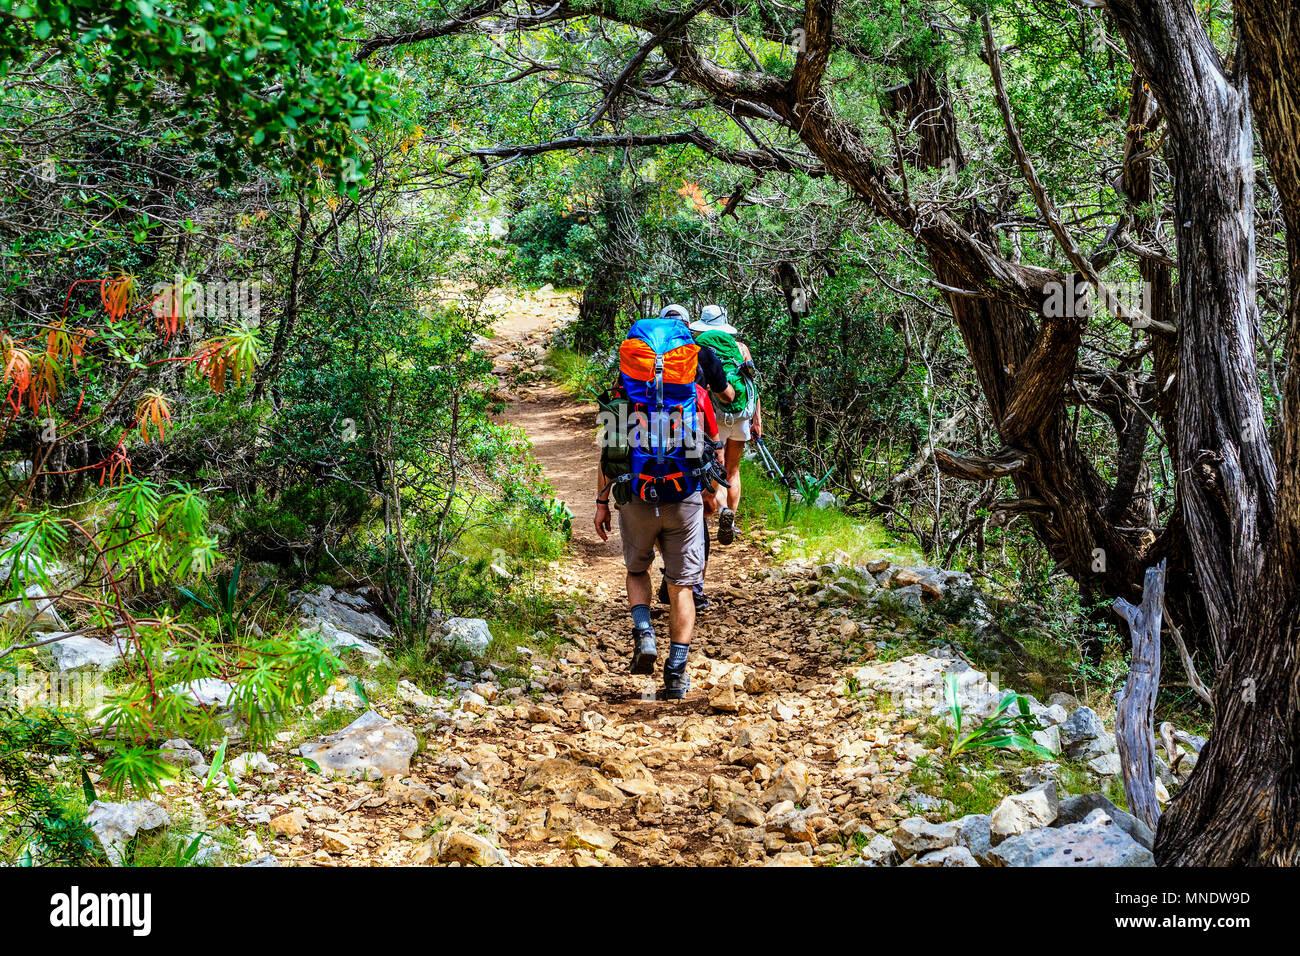 Italy Sardinia 'Selvaggio Blu' itinerary Trekking - Stock Image